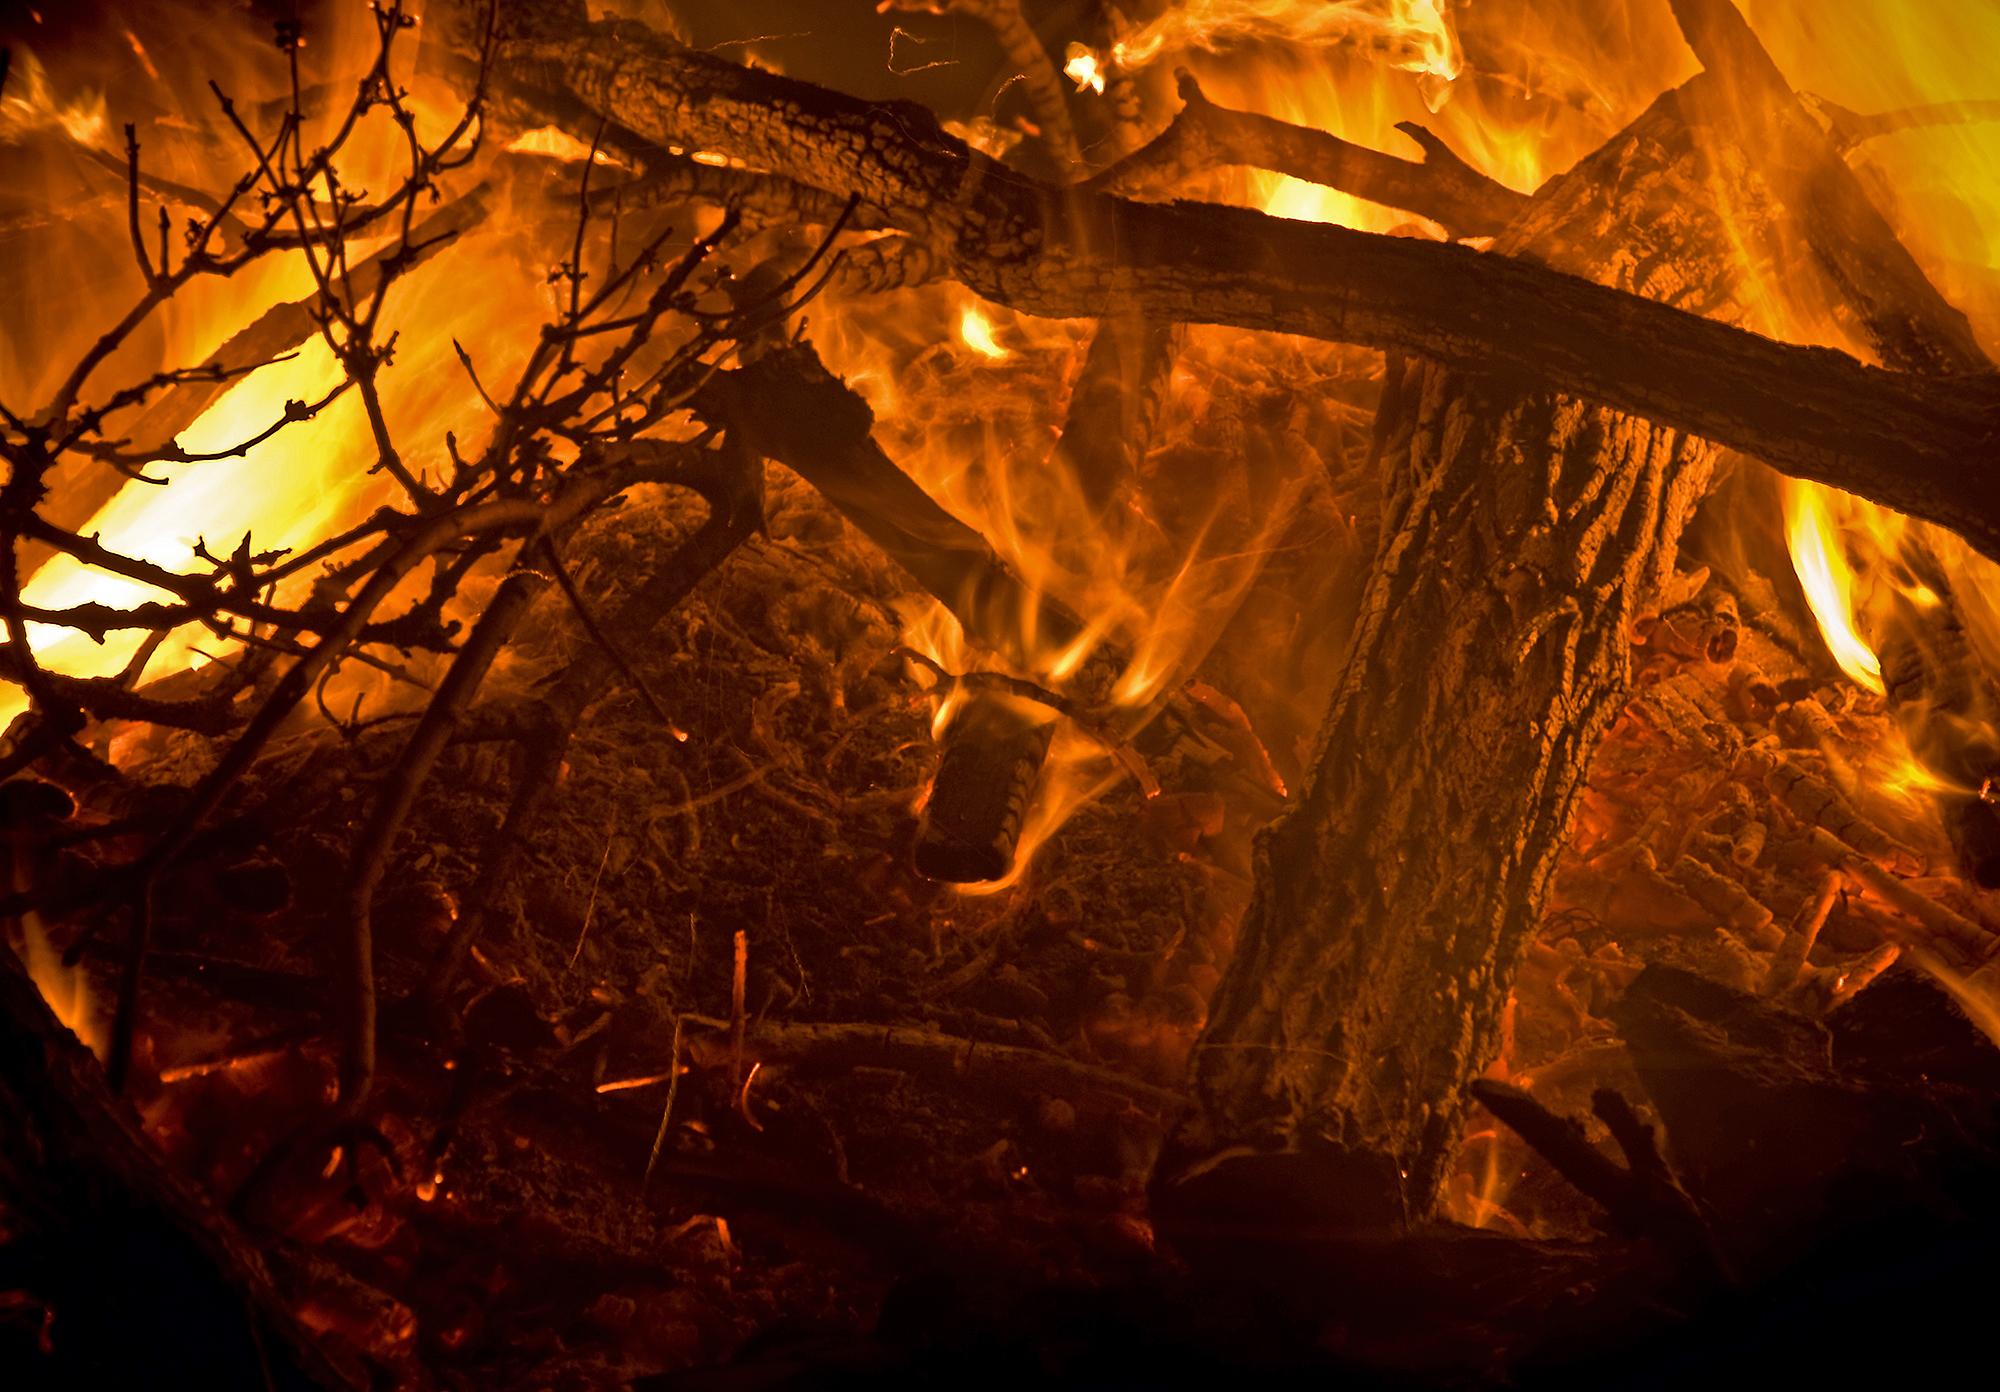 Burning Bonfire Details